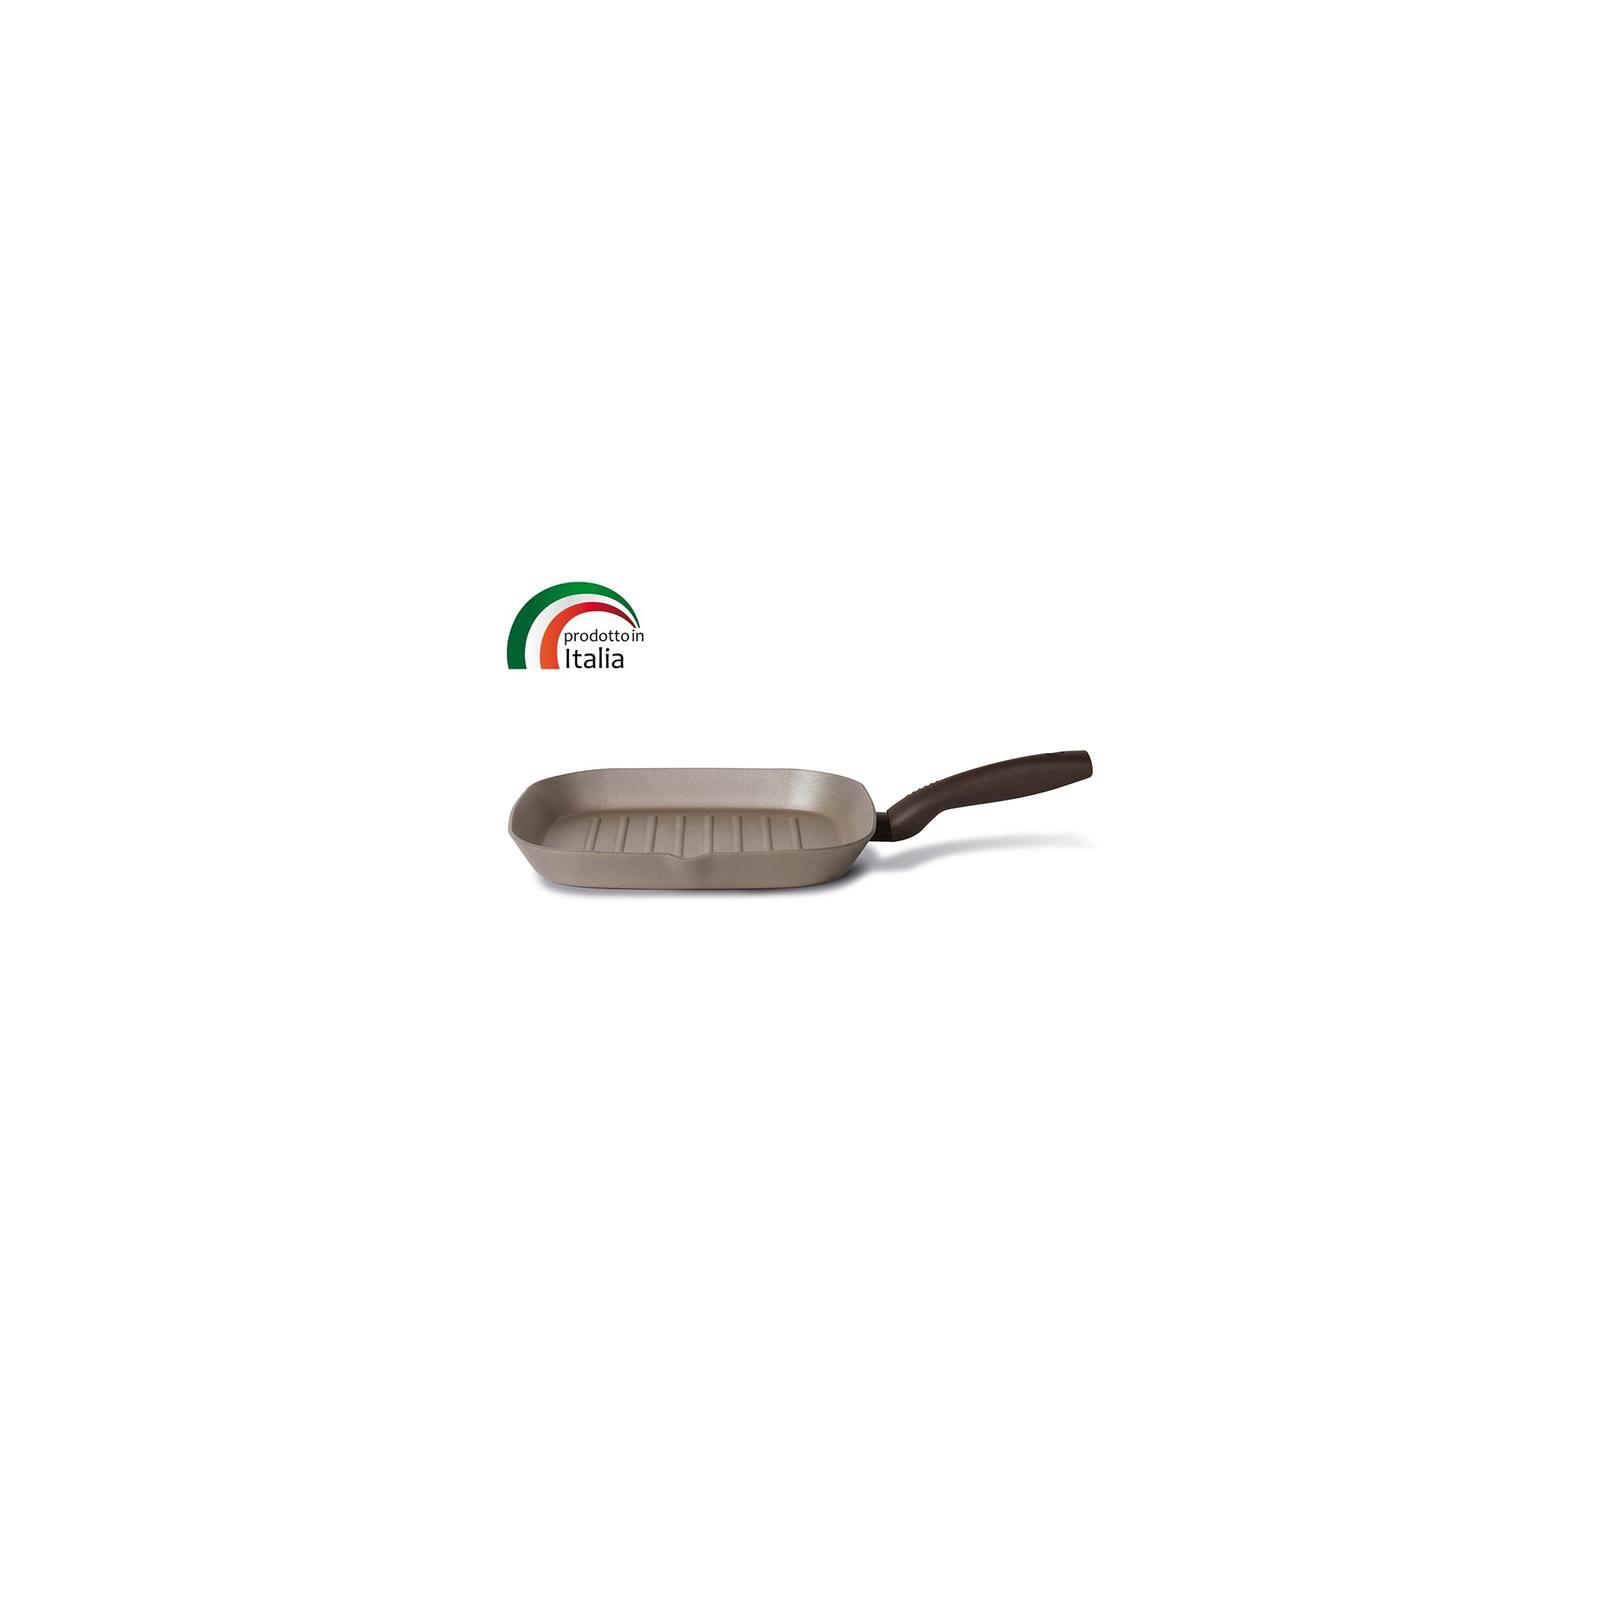 Сковорода TVS Gustosa Grill 28 х 28 см (2R730283310001)